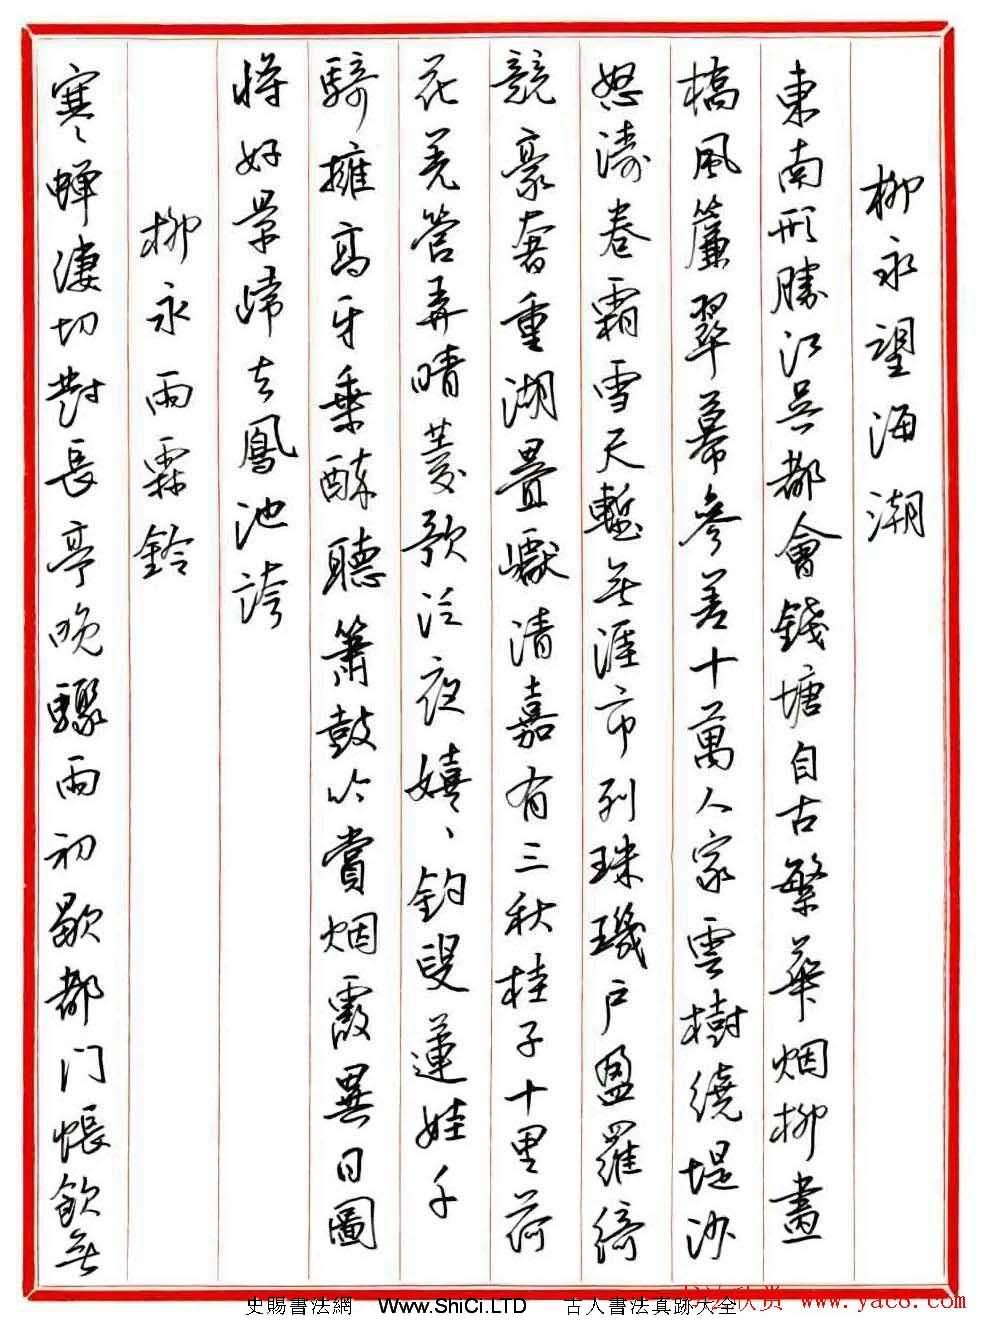 王德榮鋼筆行書作品真跡欣賞《古詩詞29首》(共20張圖片)